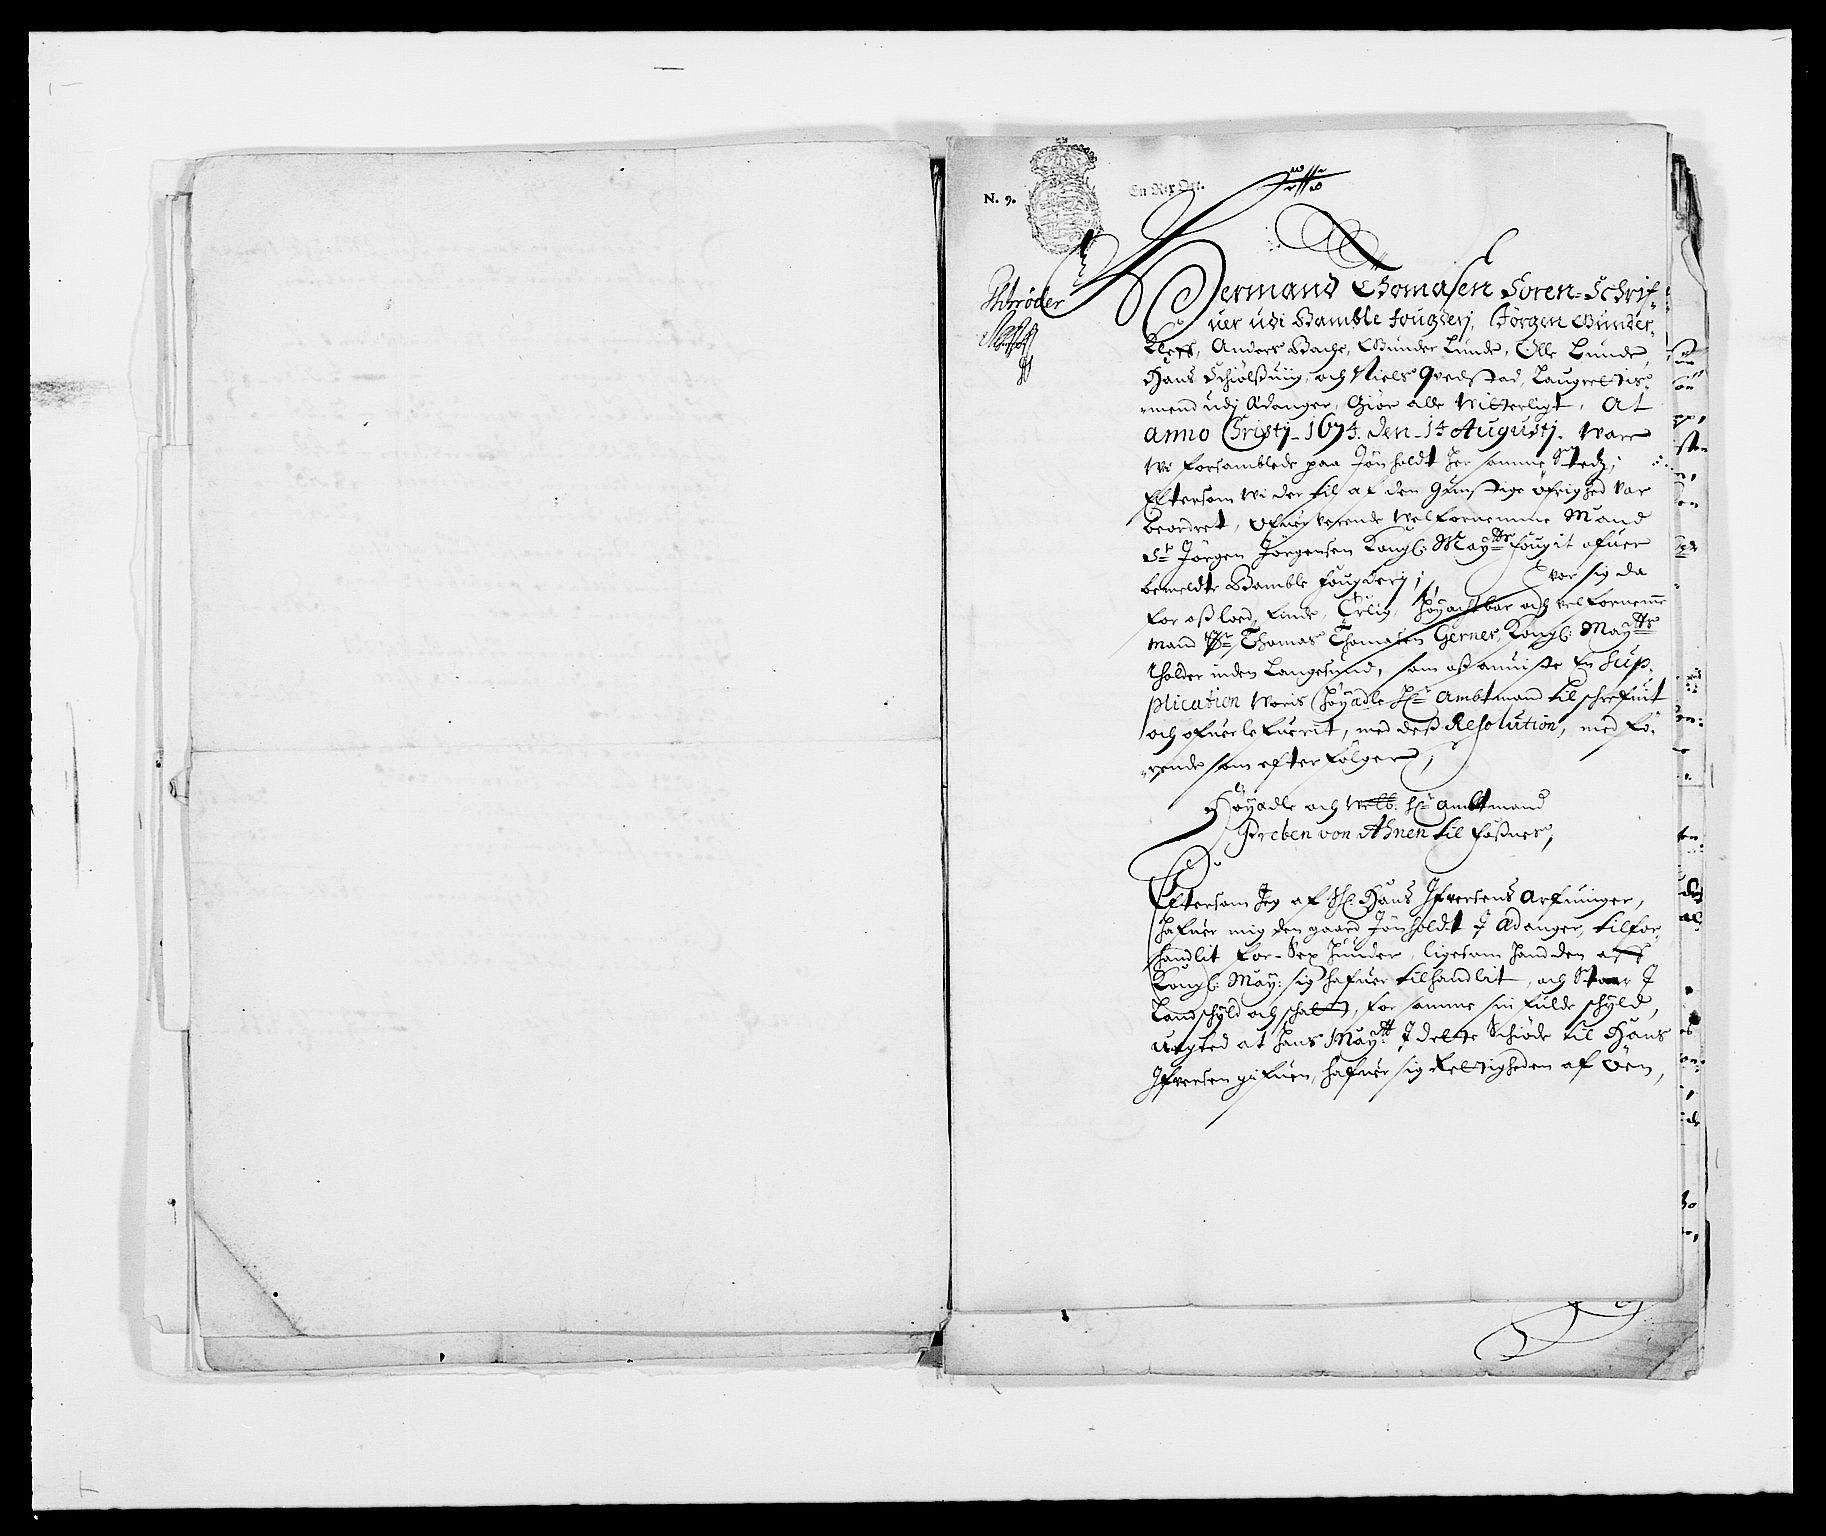 RA, Rentekammeret inntil 1814, Reviderte regnskaper, Fogderegnskap, R34/L2041: Fogderegnskap Bamble, 1670-1672, s. 414